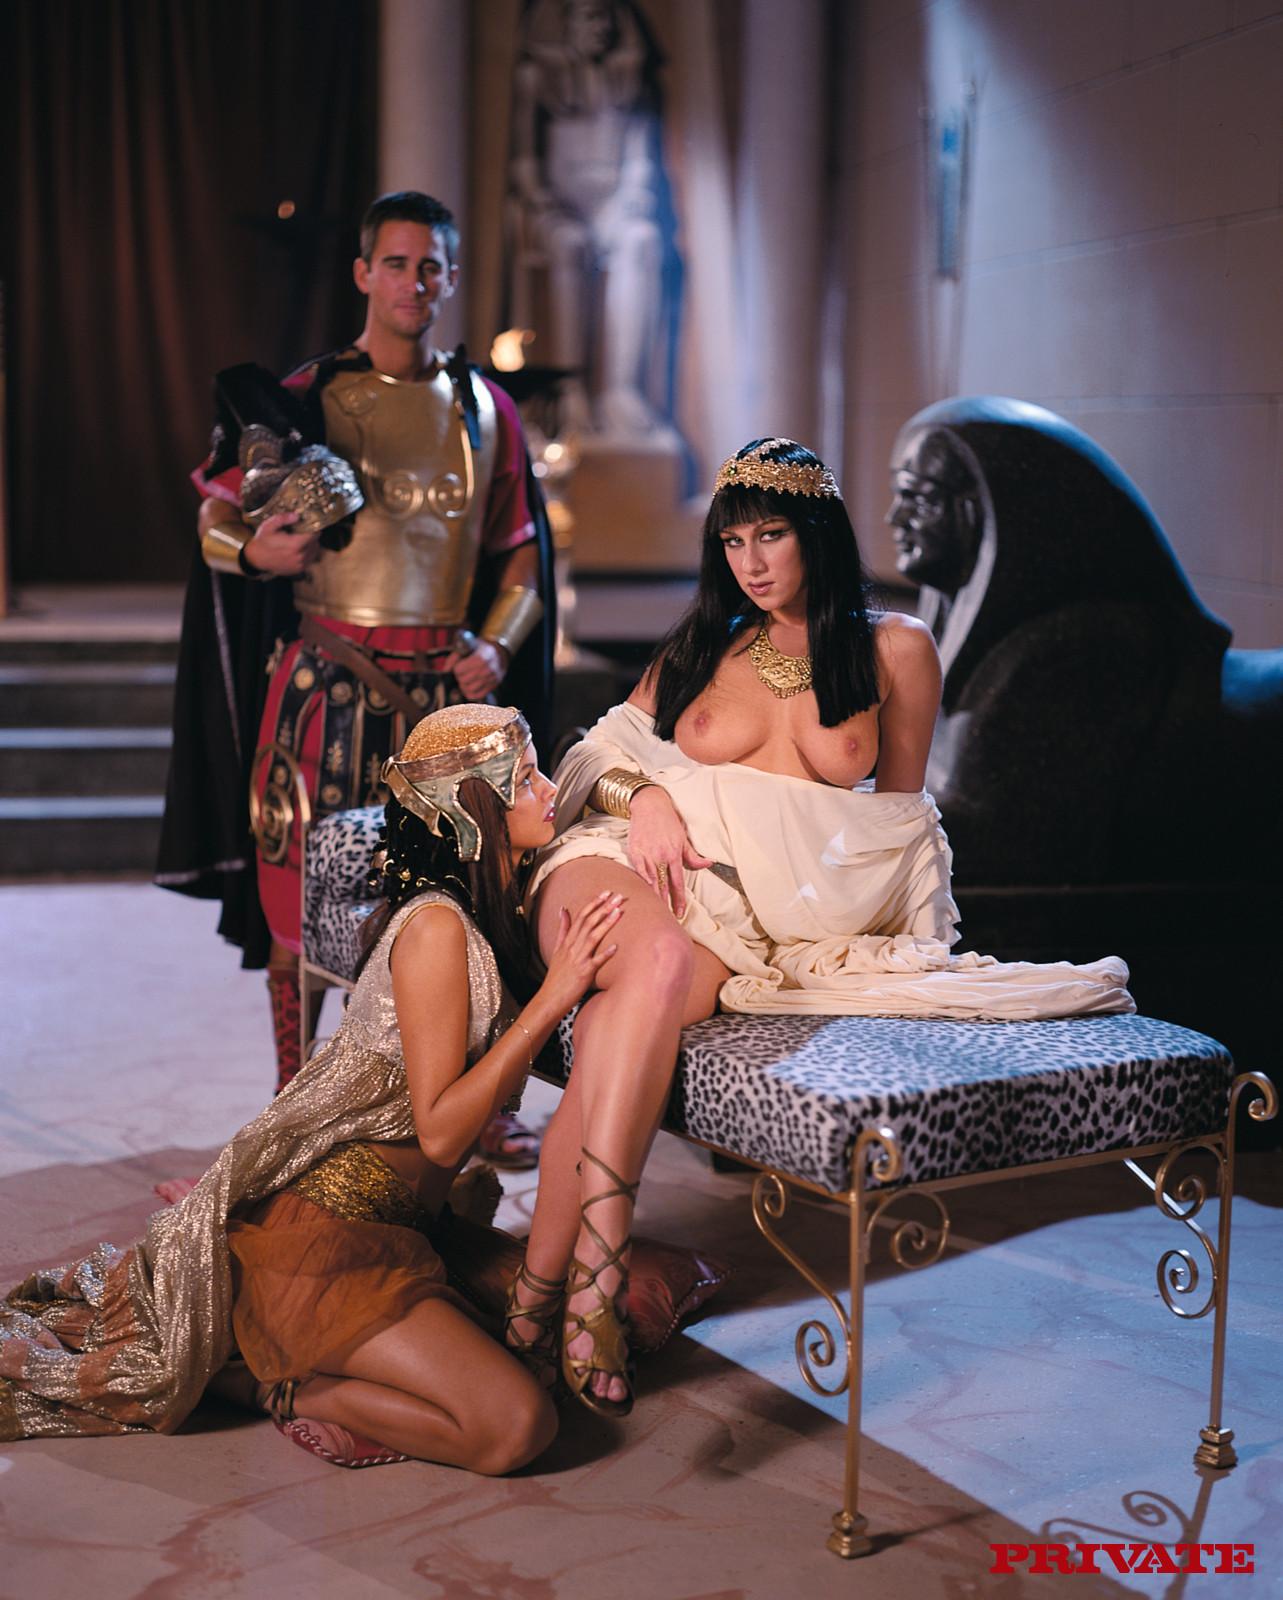 Сексуальное фото клеопатра 5 фотография